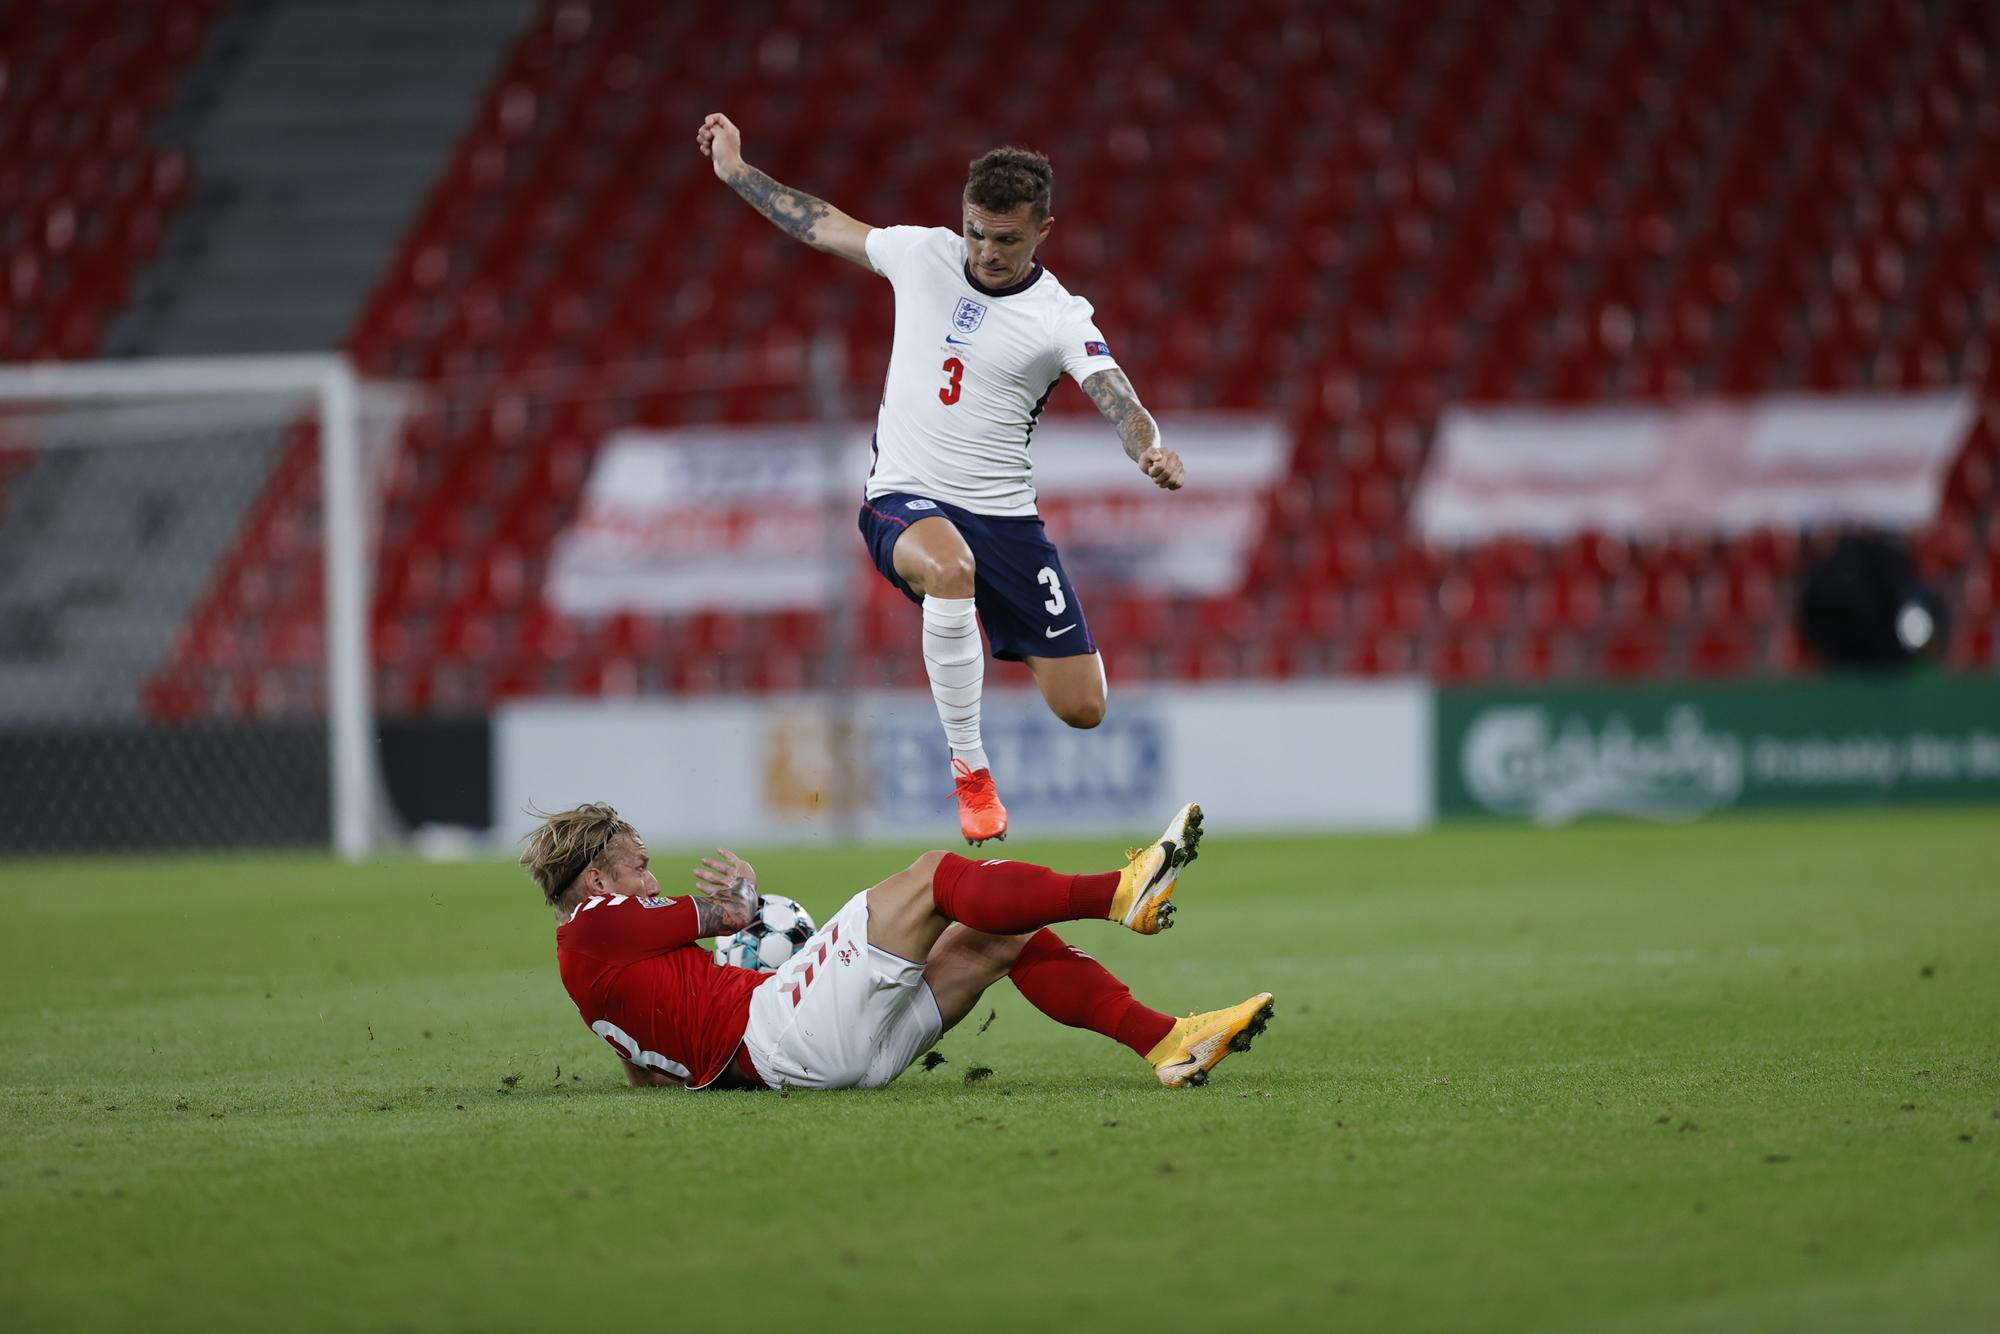 تريبير فى كرة مشتركة مع لاعب الدنمارك